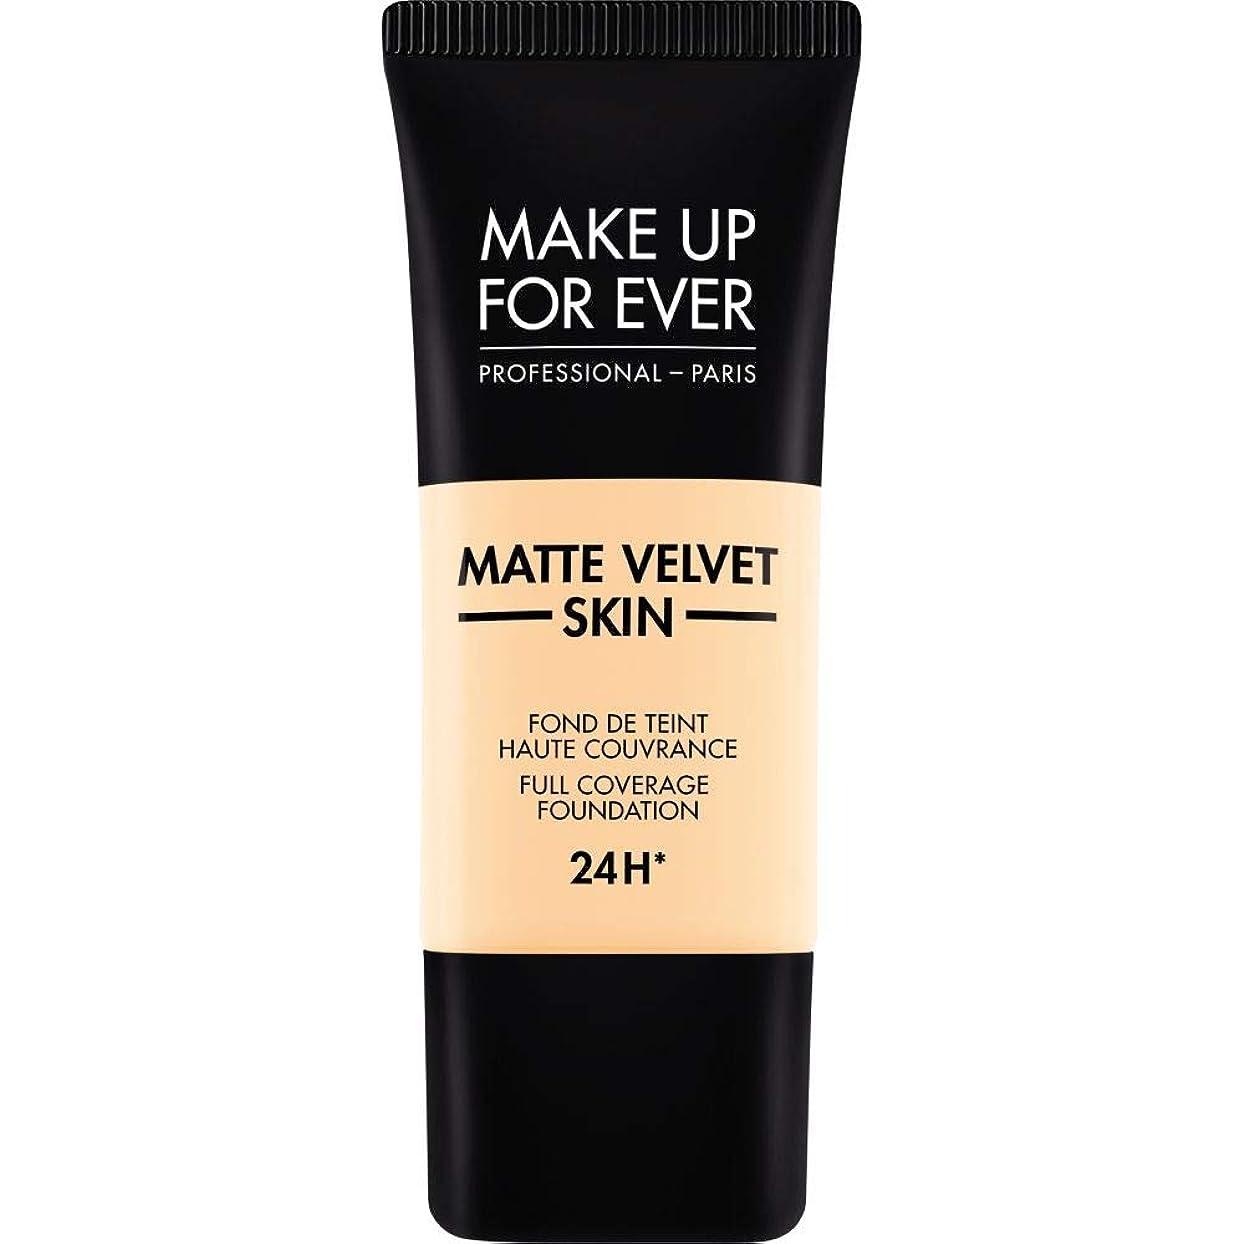 寛大な士気反対した[MAKE UP FOR EVER] 黄アラバスター - これまでマットベルベットの皮膚のフルカバレッジ基礎30ミリリットルのY215を補います - MAKE UP FOR EVER Matte Velvet Skin Full Coverage Foundation 30ml Y215 - Yellow Alabaster [並行輸入品]